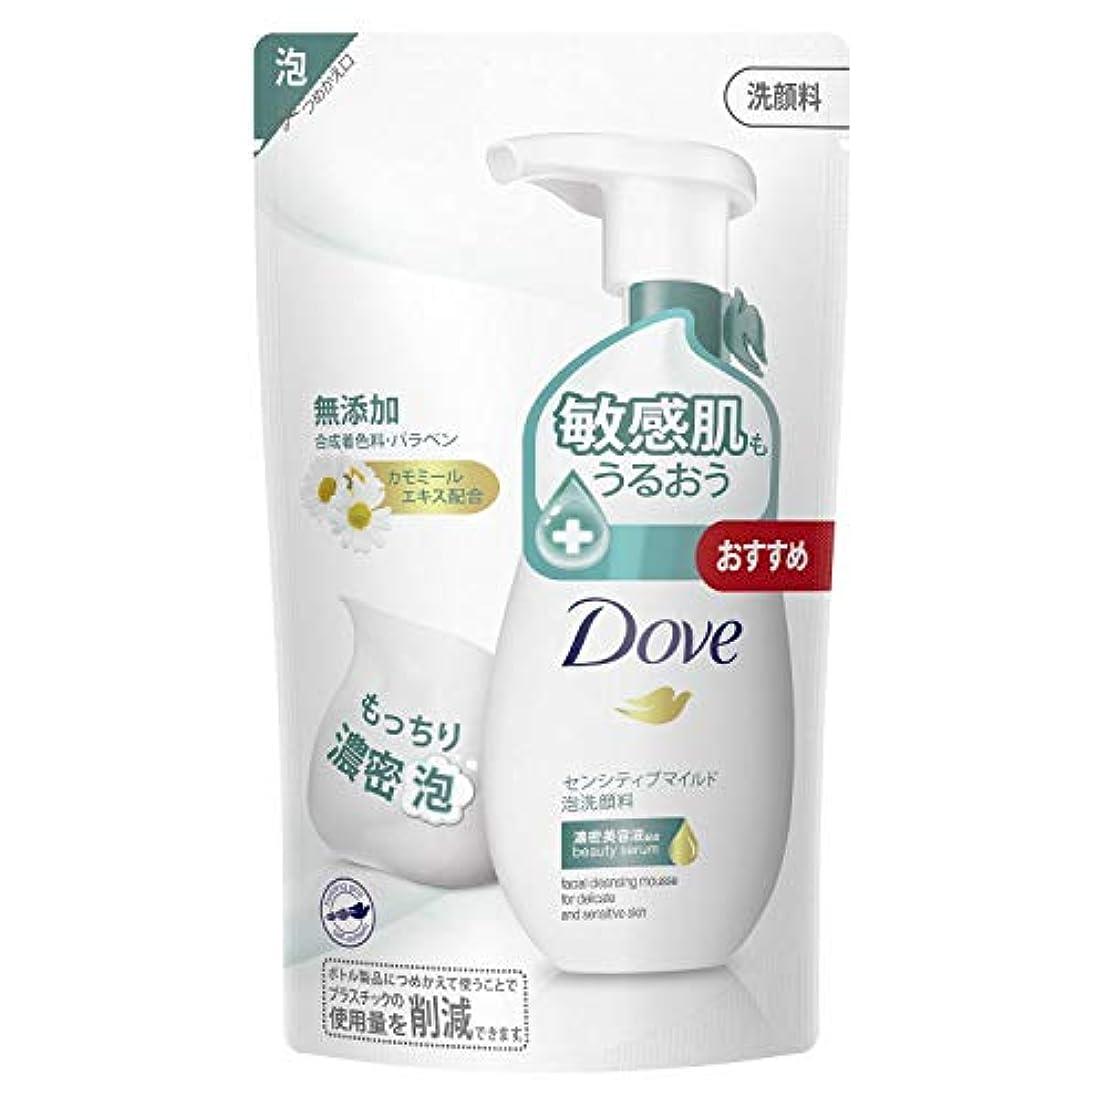 報復する主婦仕事ダヴ センシティブマイルド クリーミー泡洗顔料 つめかえ用 敏感肌用 140mL